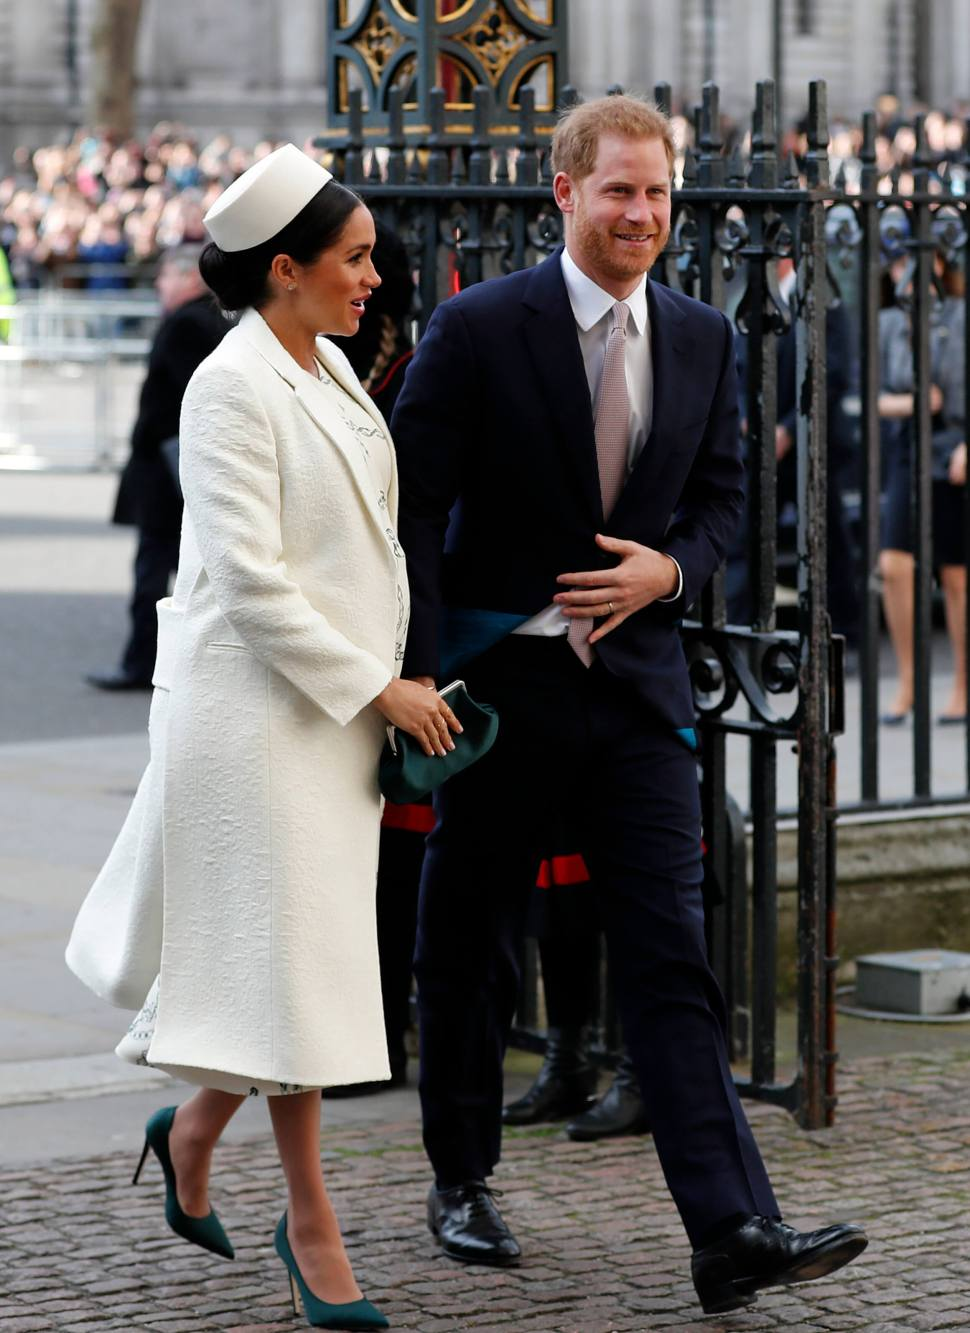 FOTO Matthew o Diana, surgen quinielas sobre bebé de Meghan Markle (AP 11 marzo 2019)